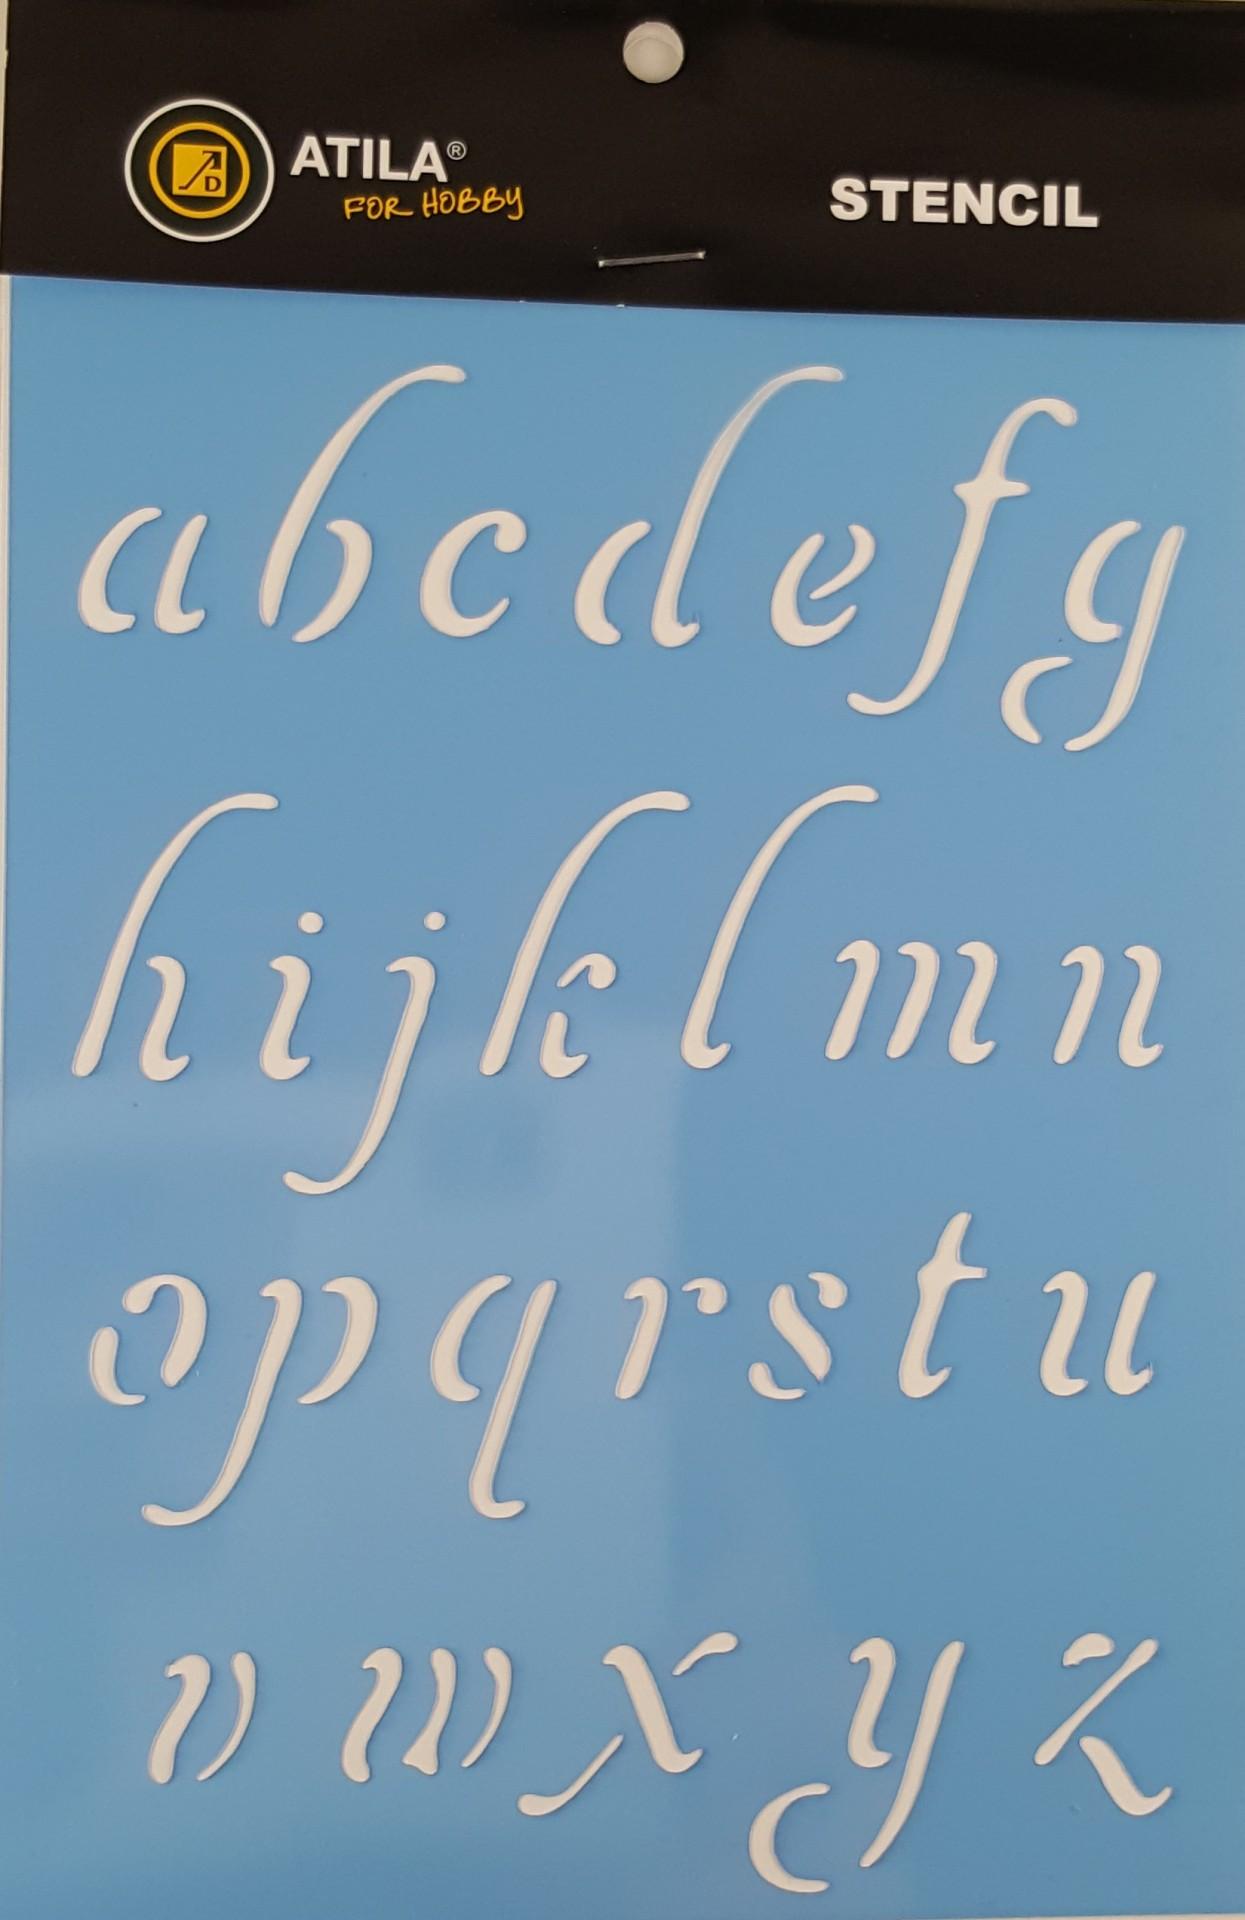 Stencil Alfabeto minúsculas